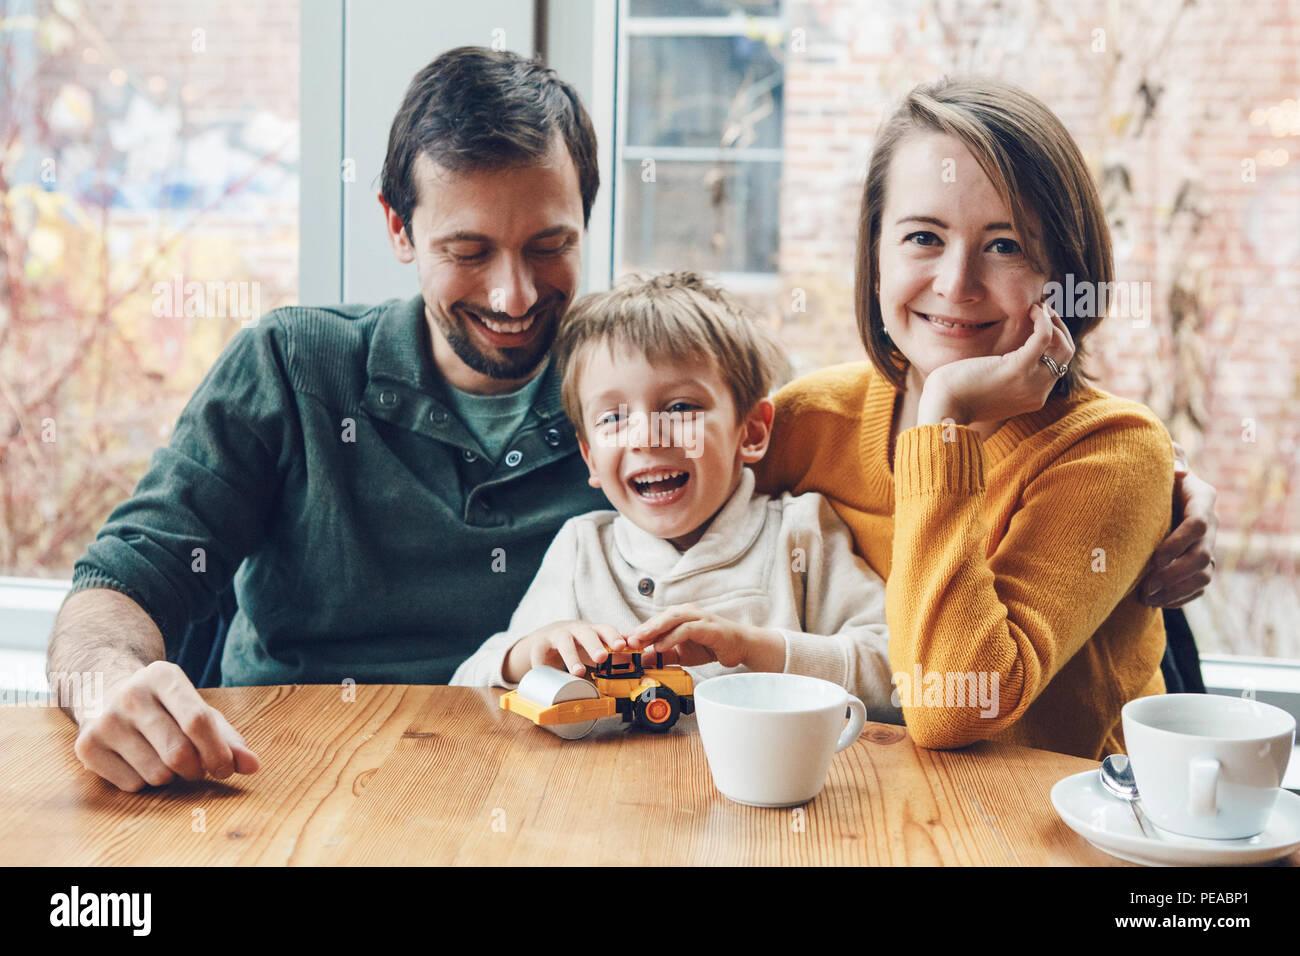 Retrato de familia feliz caucásicos blancos de tres madre, padre e hijo, sentado en el restaurante café en la mesa, sonriendo, jugando, auténtico estilo de vida Imagen De Stock